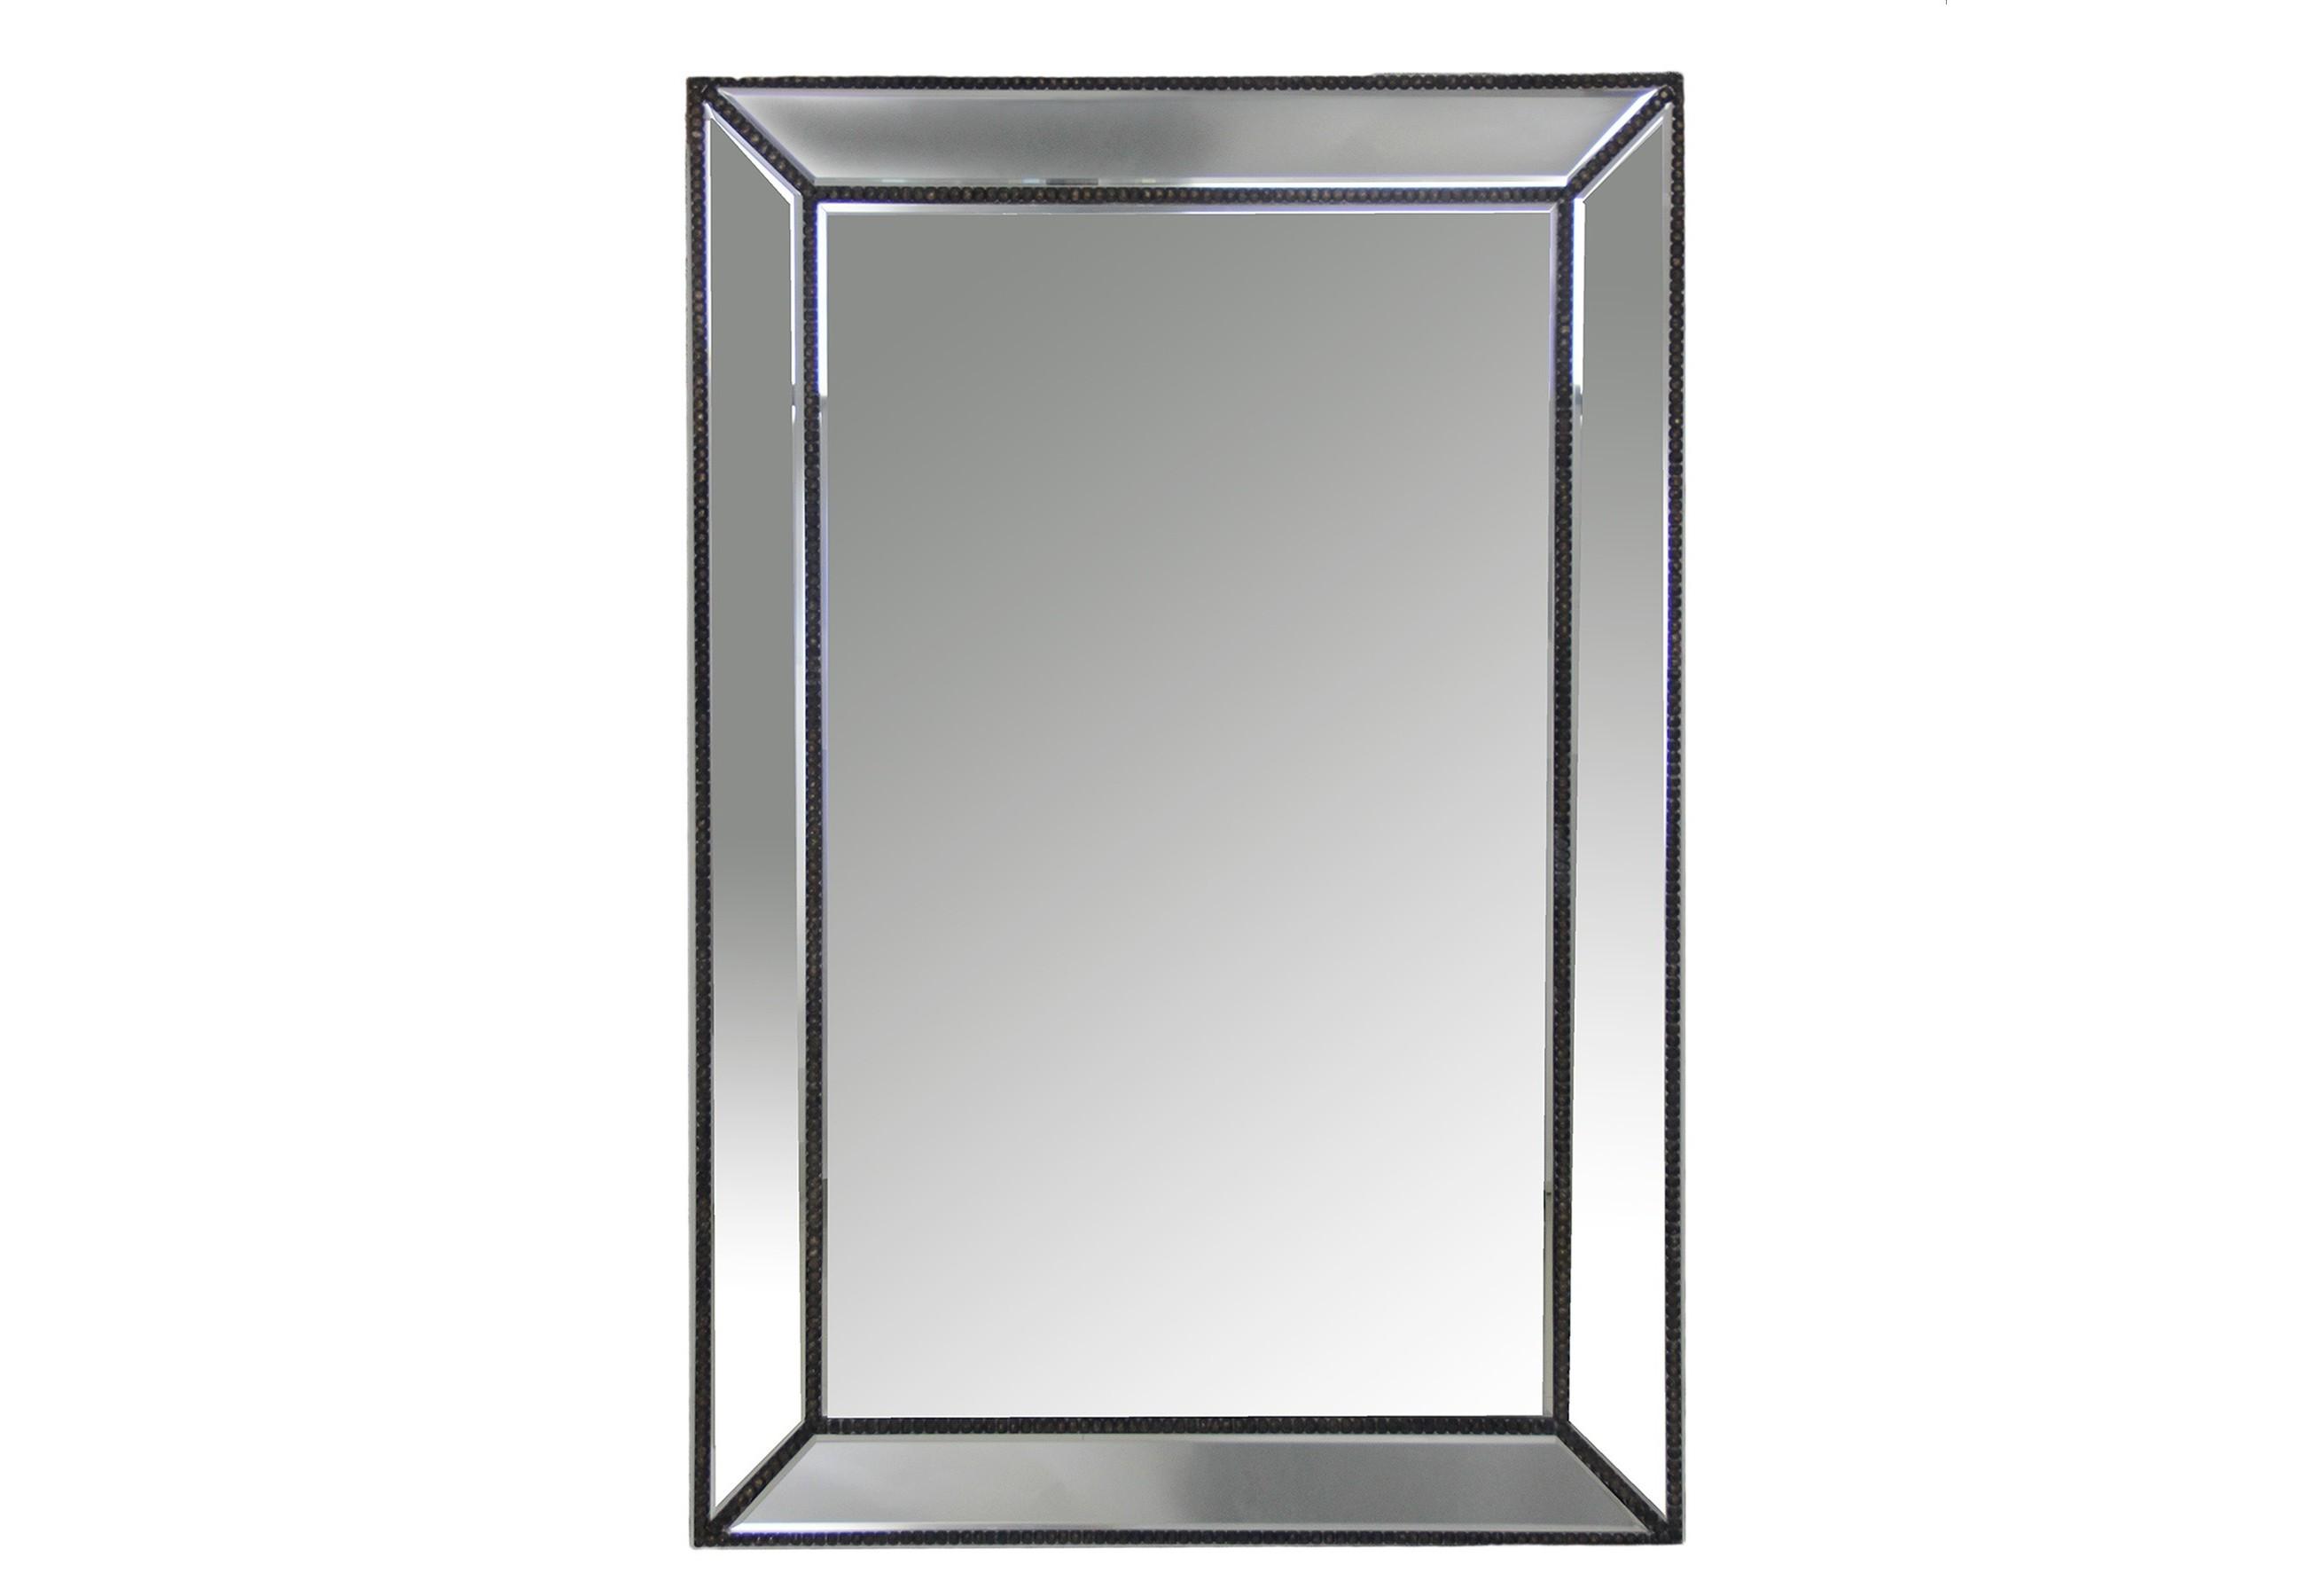 Зеркало Idle TimeНастенные зеркала<br><br><br>Material: МДФ<br>Ширина см: 109<br>Высота см: 200<br>Глубина см: 7